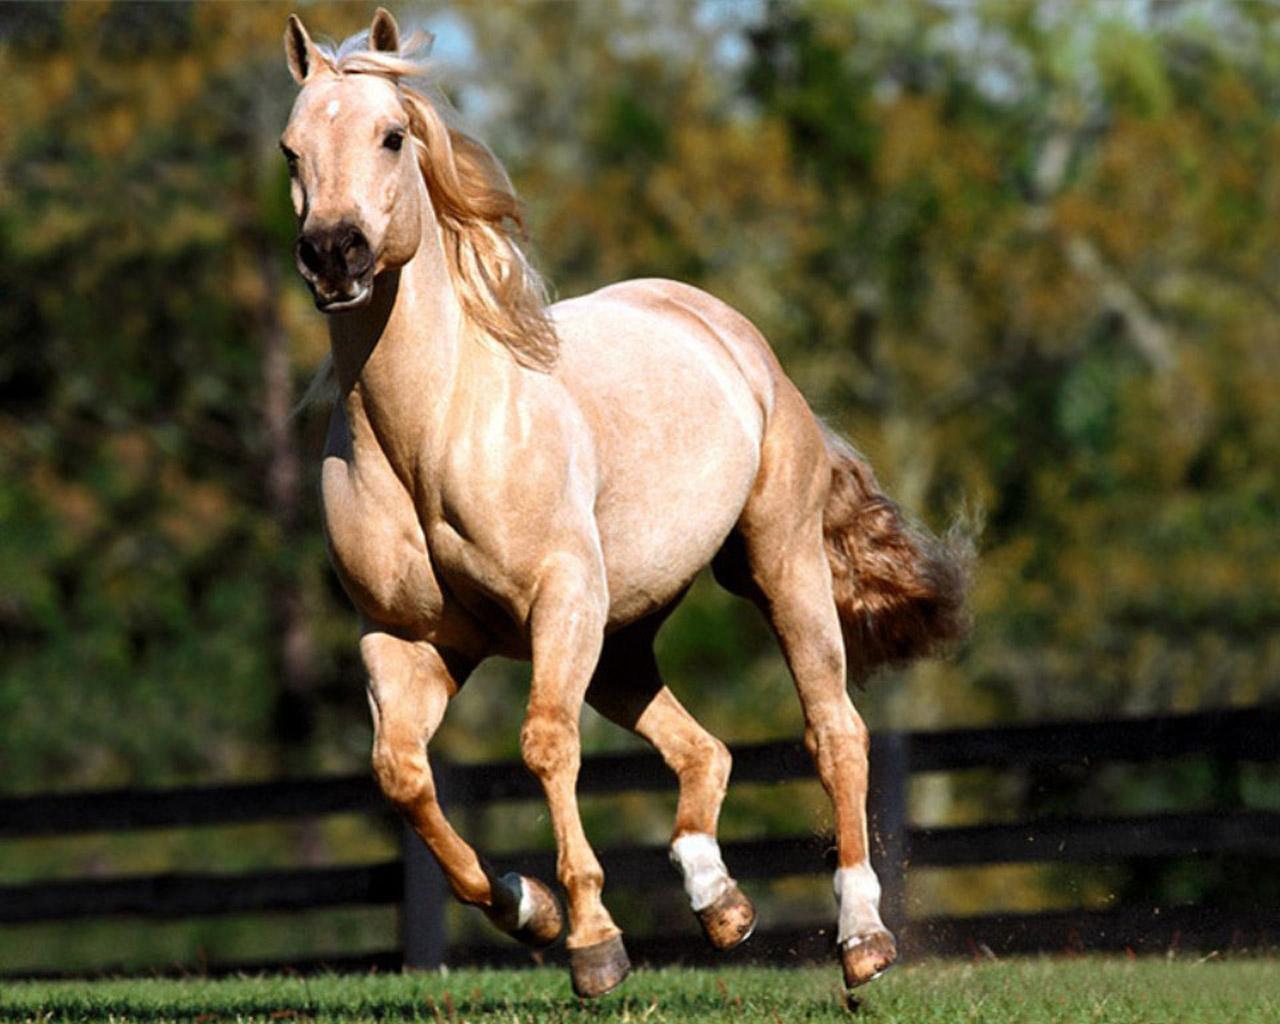 http://1.bp.blogspot.com/-52tqouEuDZQ/TgjRJCXUynI/AAAAAAAAABc/YfJ5gzl-yQo/s1600/wallpapers-horses-2.jpg